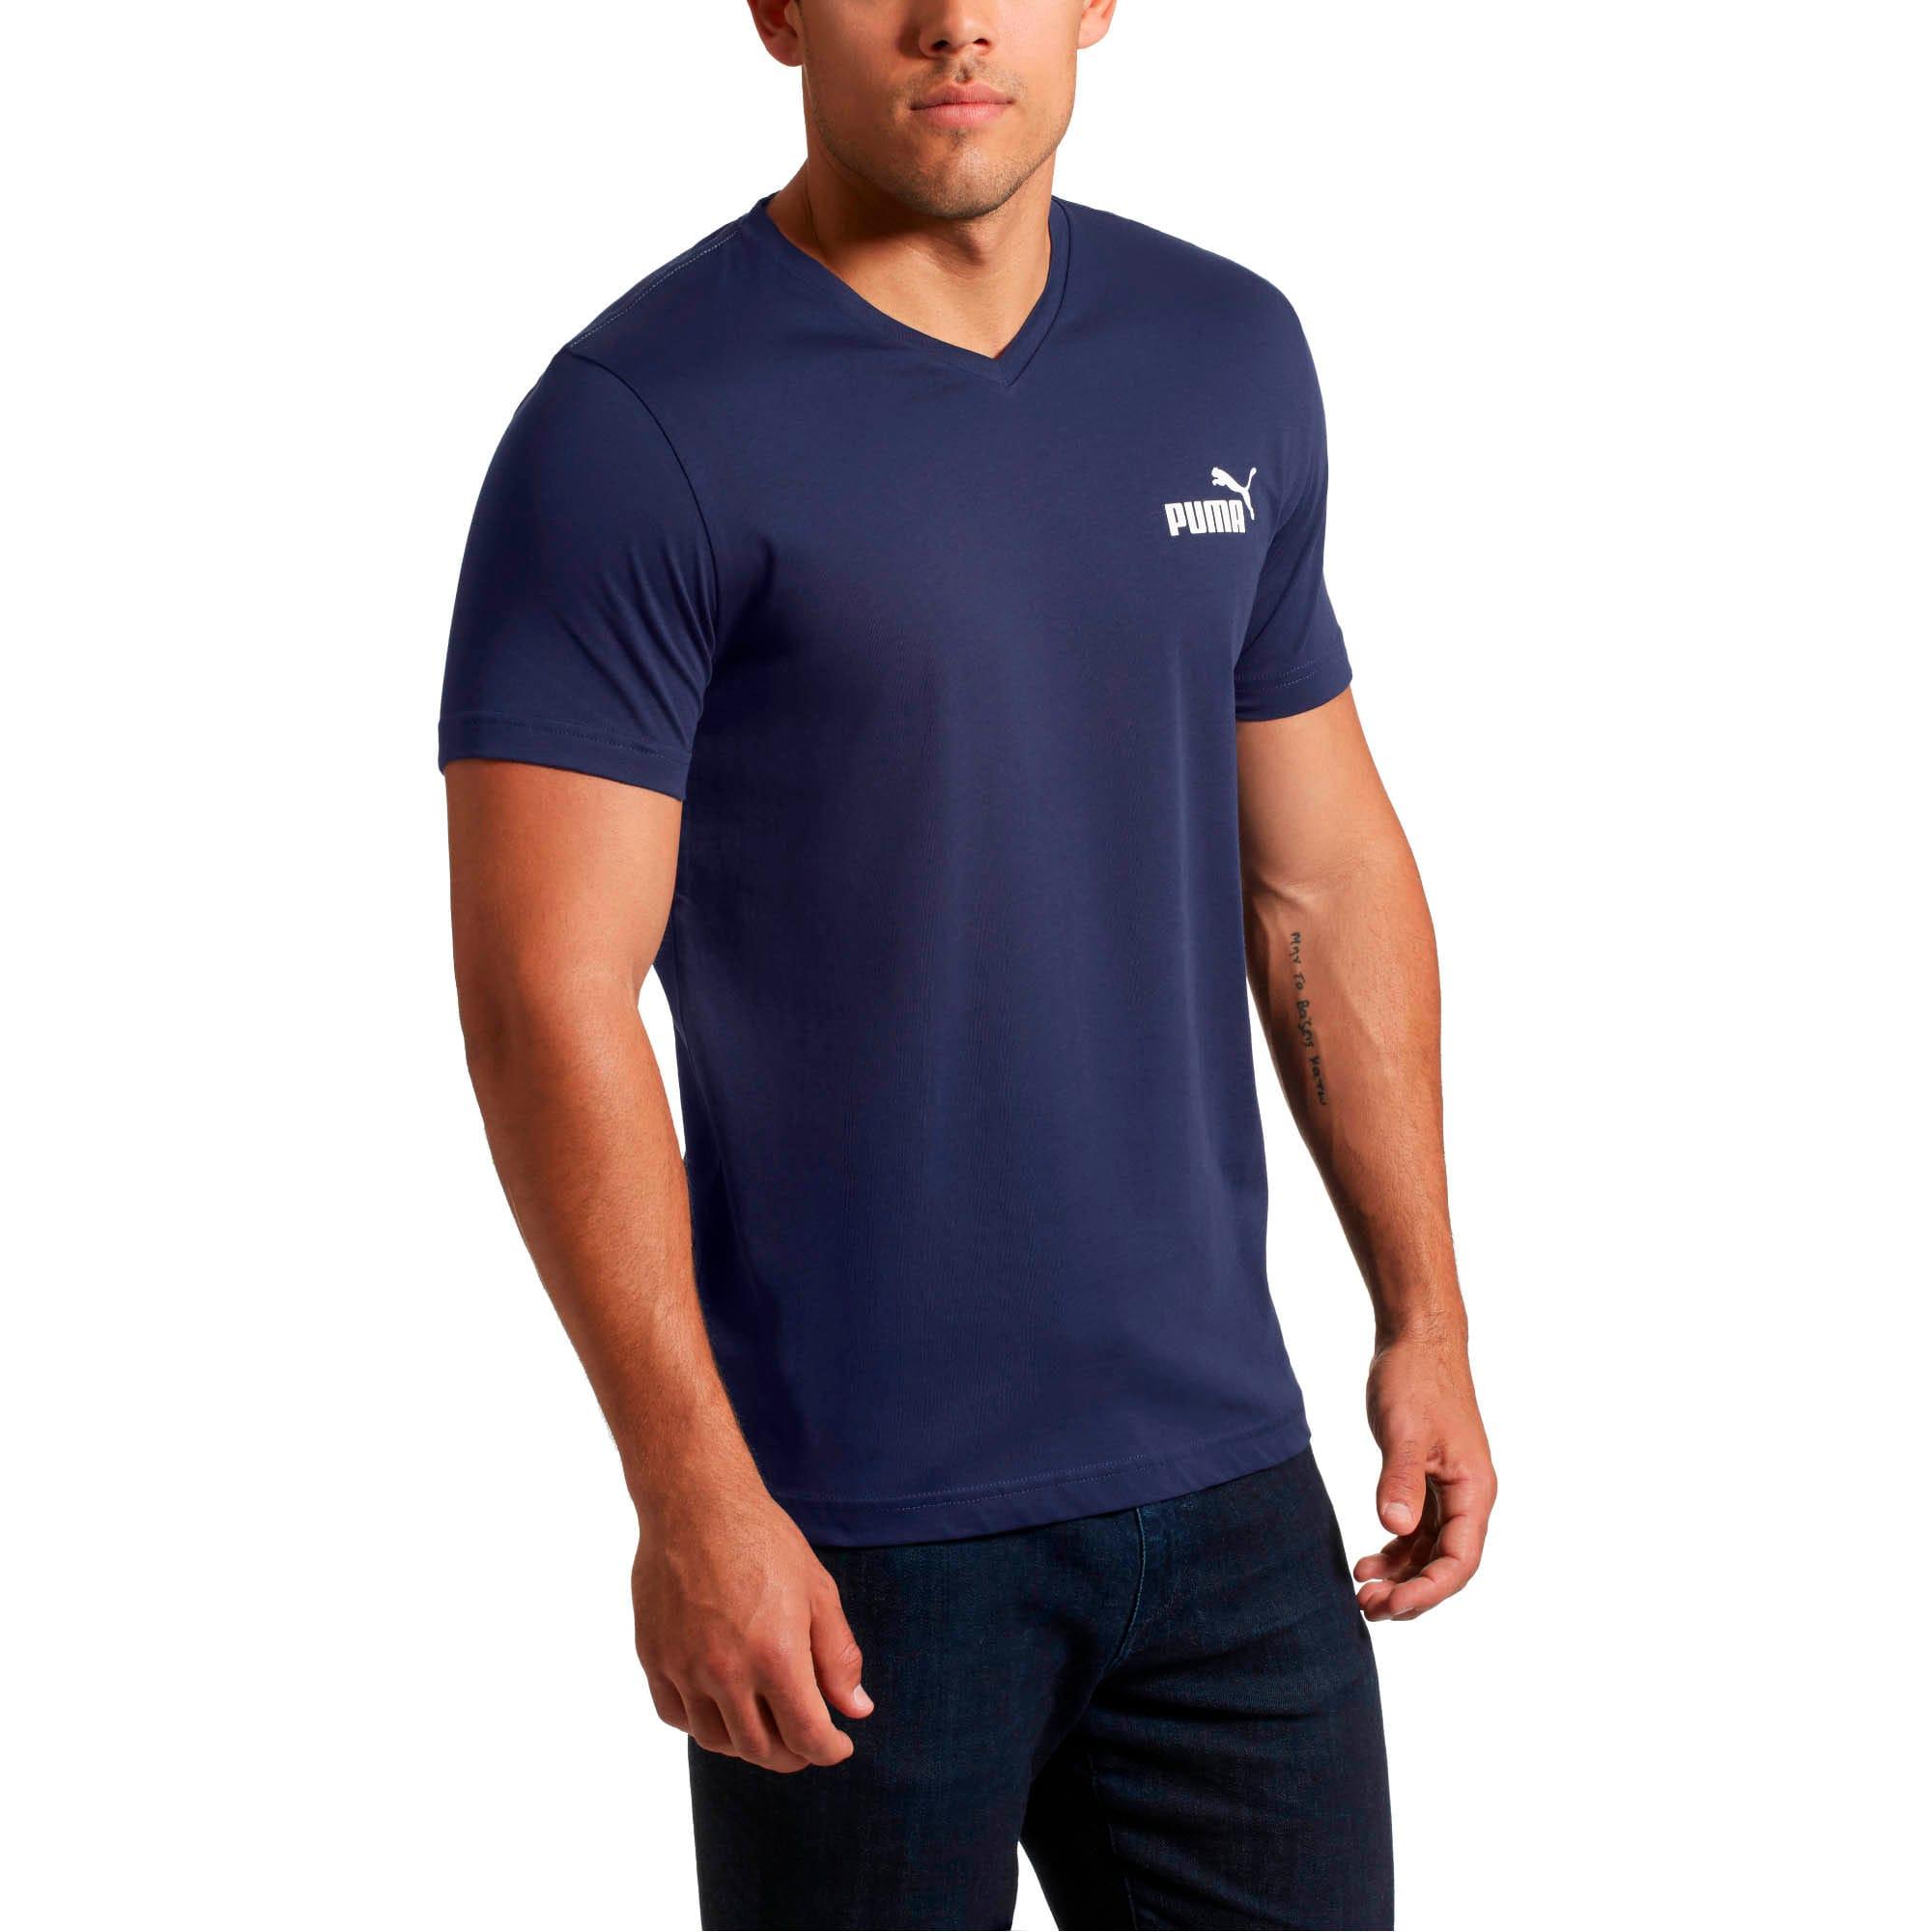 Miniatura 1 de Camiseta Essentials+con cuello en V para hombre, Peacoat, mediano